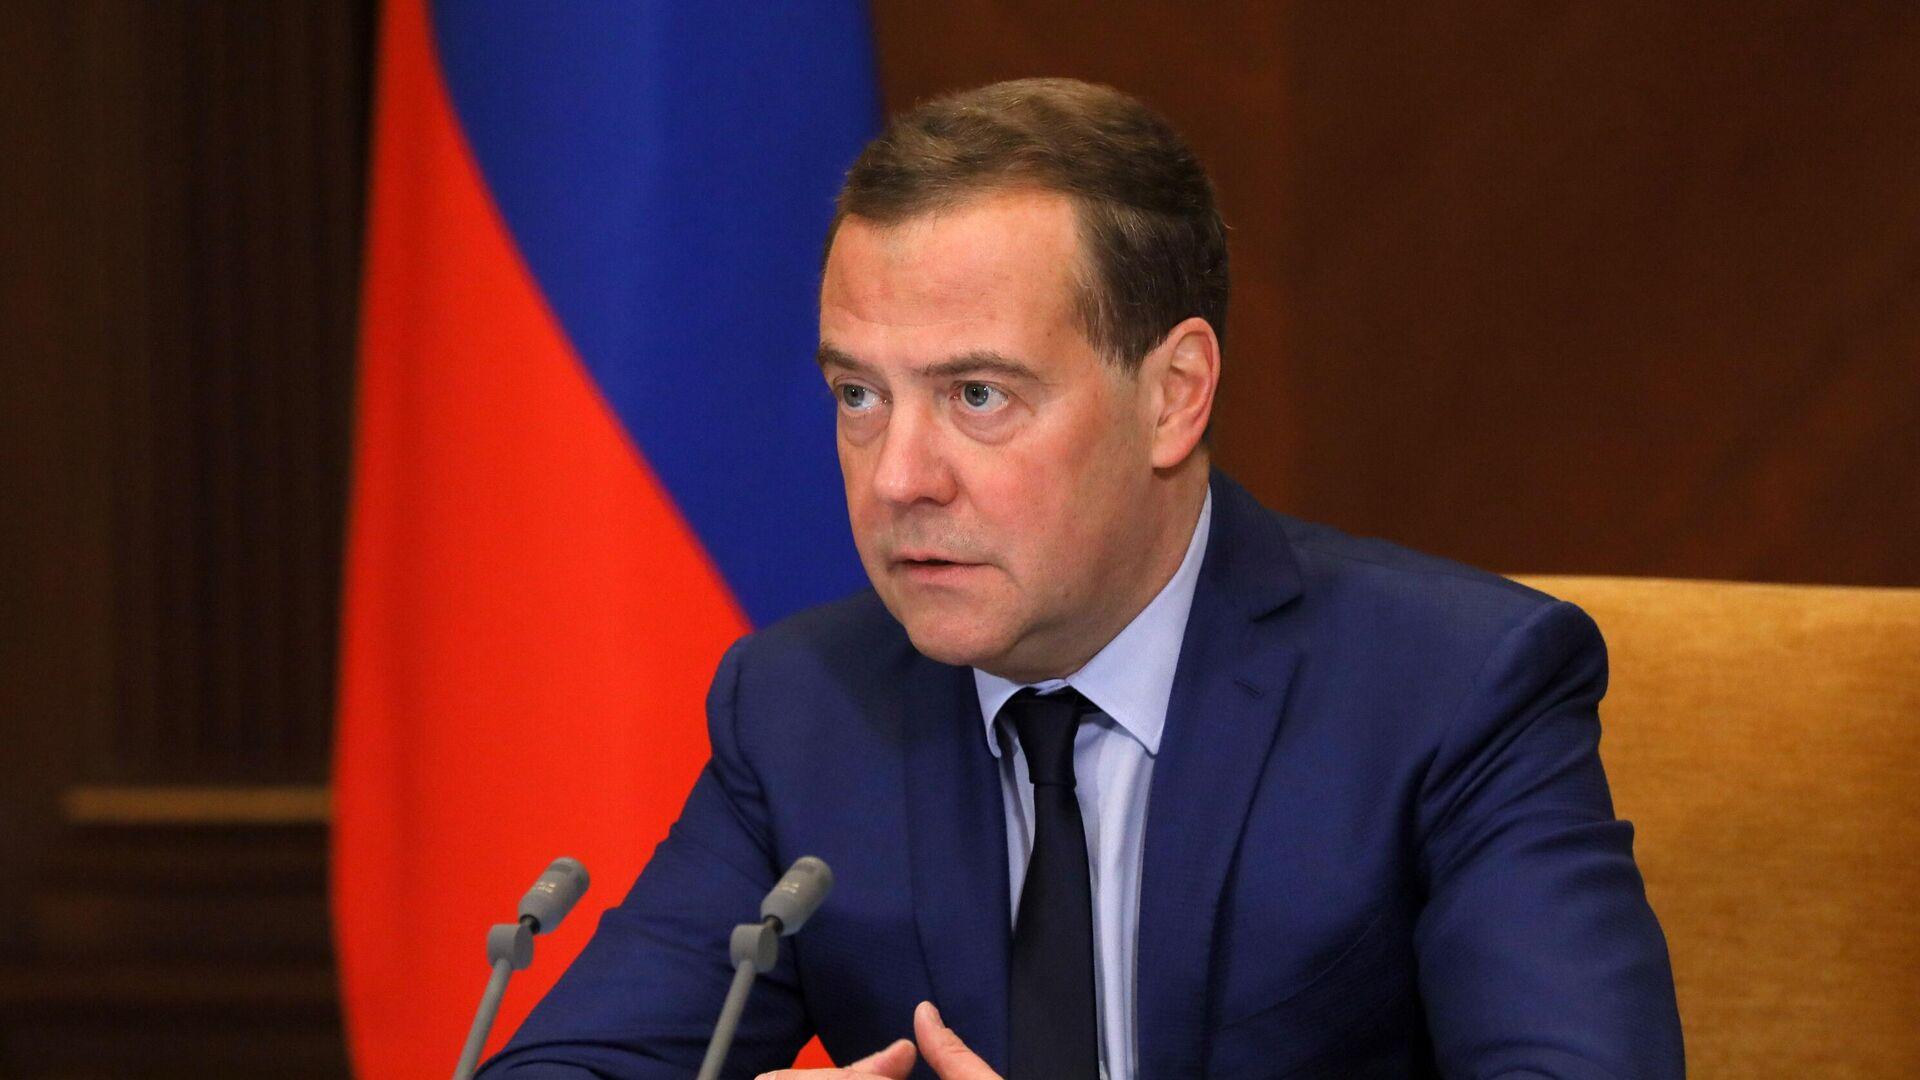 Председатель Единой России, заместитель председателя Совета безопасности РФ Дмитрий Медведев - РИА Новости, 1920, 05.03.2021